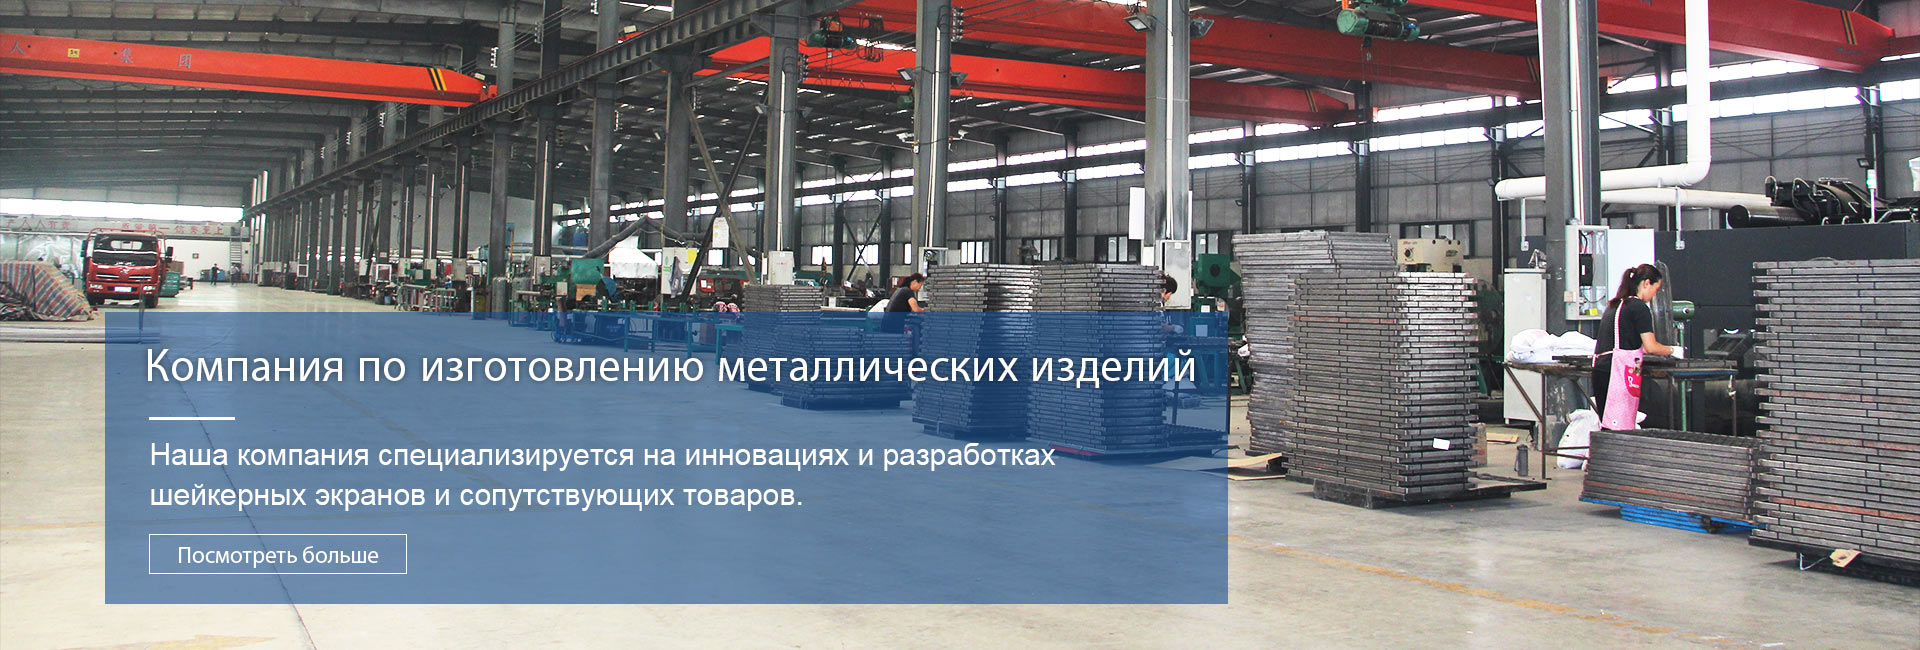 Компания по изготовлению металлических изделий Hengying